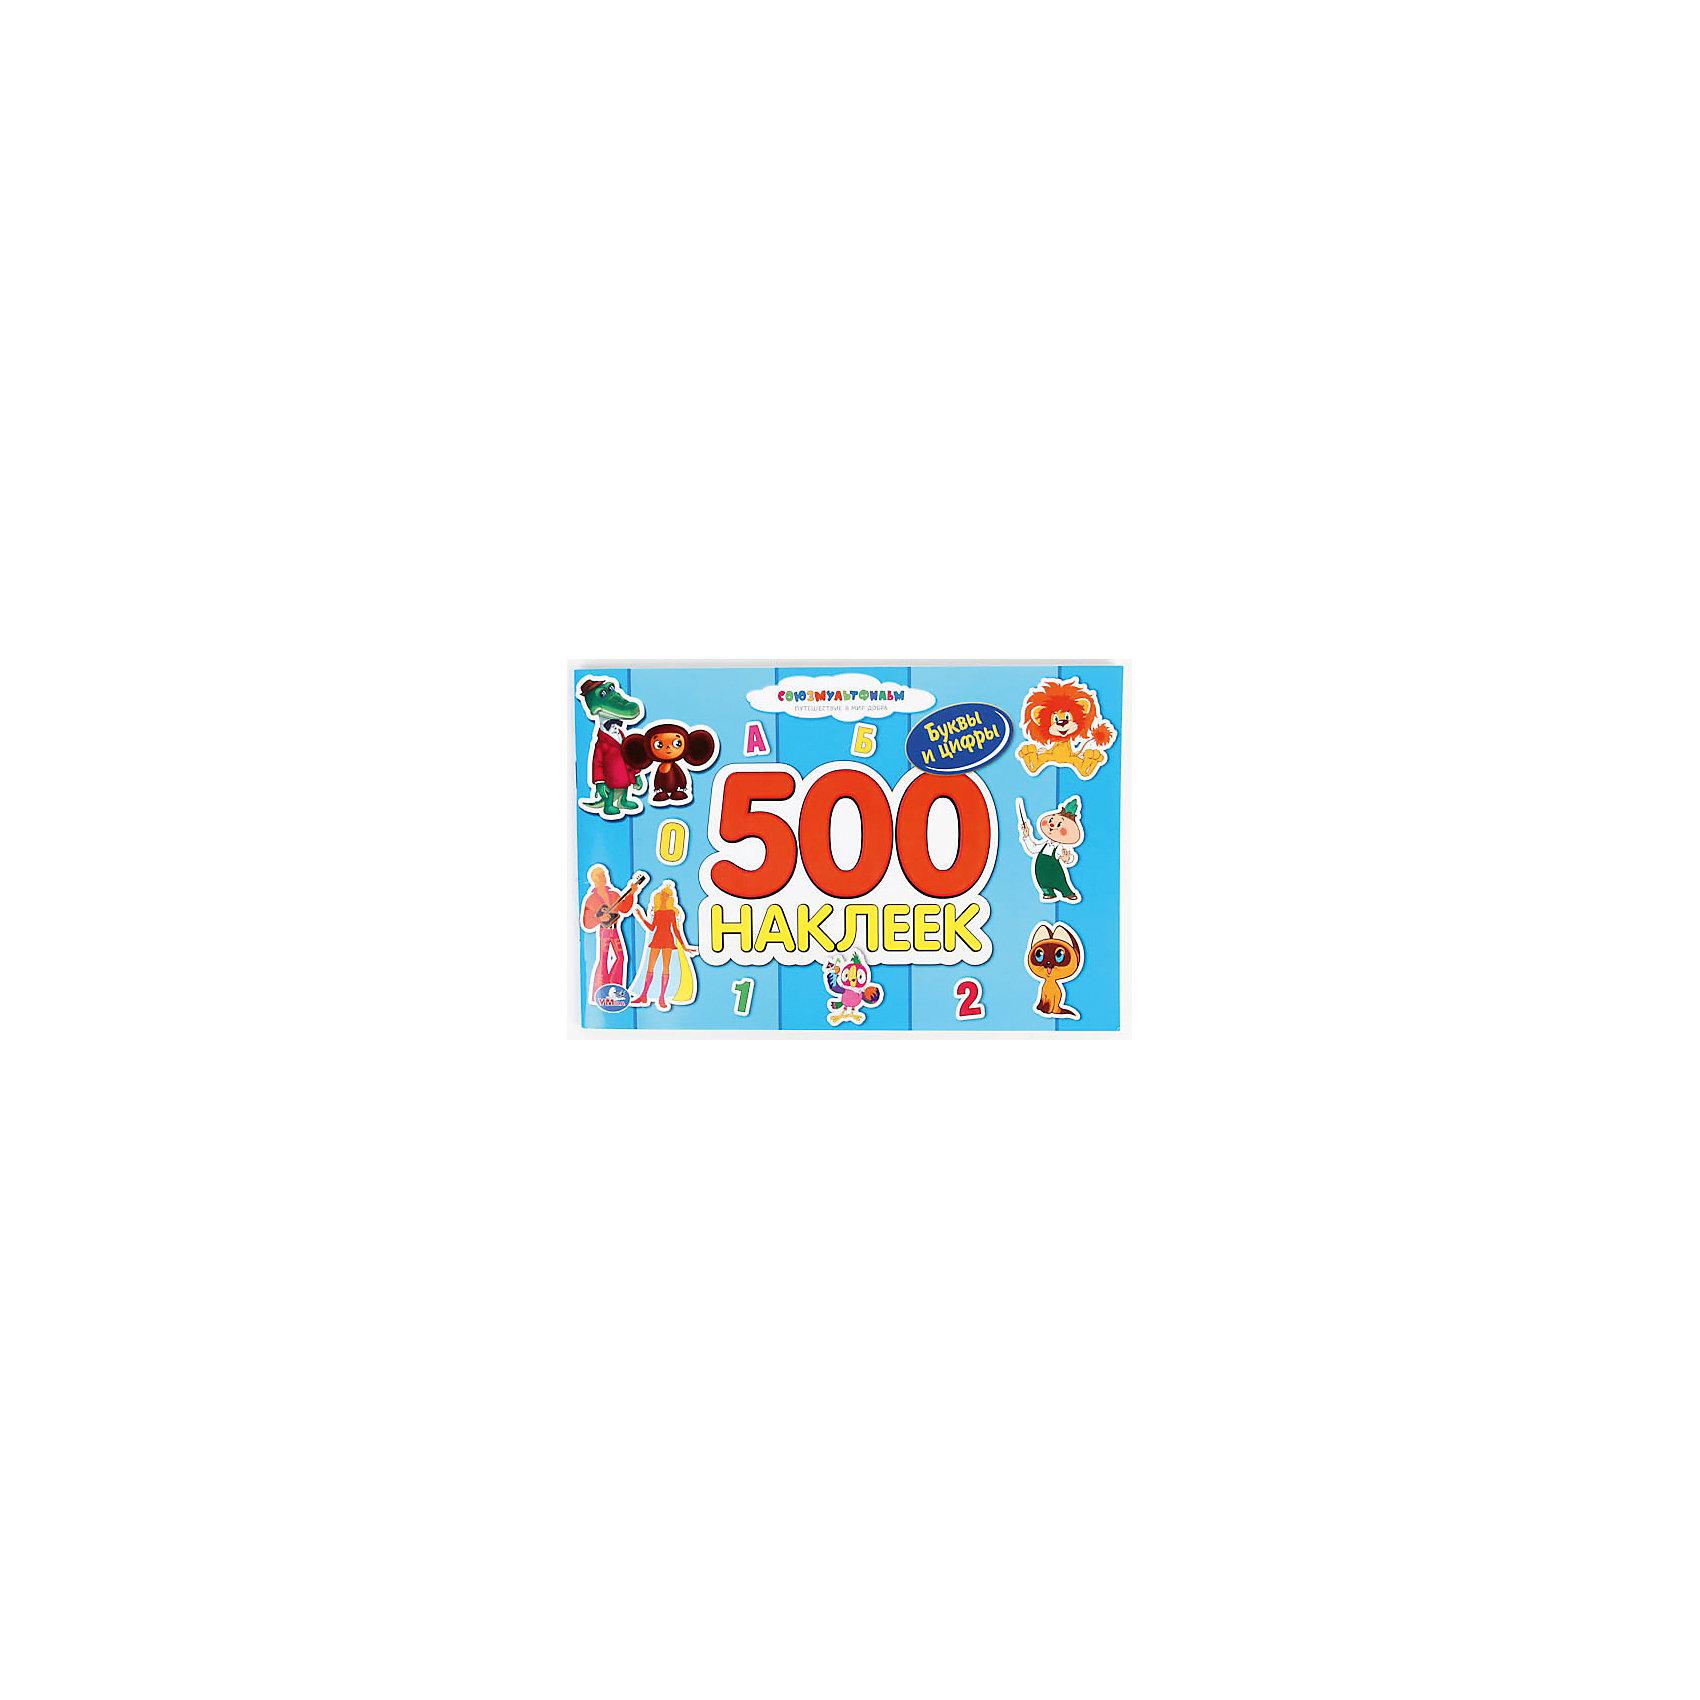 Альбом с наклейками Чебурашка и Крокодил ГенаНаклеивай стикеры с любимыми героями и играй вместе с ними! Украшай наклейками тетради, альбомы, блокноты или даже стены собственной комнаты!<br><br>Дополнительная информация:<br><br>- Формат: 30х20 см.<br>- Количество страниц: 12. <br>- Переплет: мягкий. <br>- 500 наклеек. <br><br>Альбом с наклейками Чебурашка и Крокодил Гена можно купить в нашем магазине.<br><br>Ширина мм: 300<br>Глубина мм: 200<br>Высота мм: 5<br>Вес г: 80<br>Возраст от месяцев: 36<br>Возраст до месяцев: 72<br>Пол: Унисекс<br>Возраст: Детский<br>SKU: 4444361